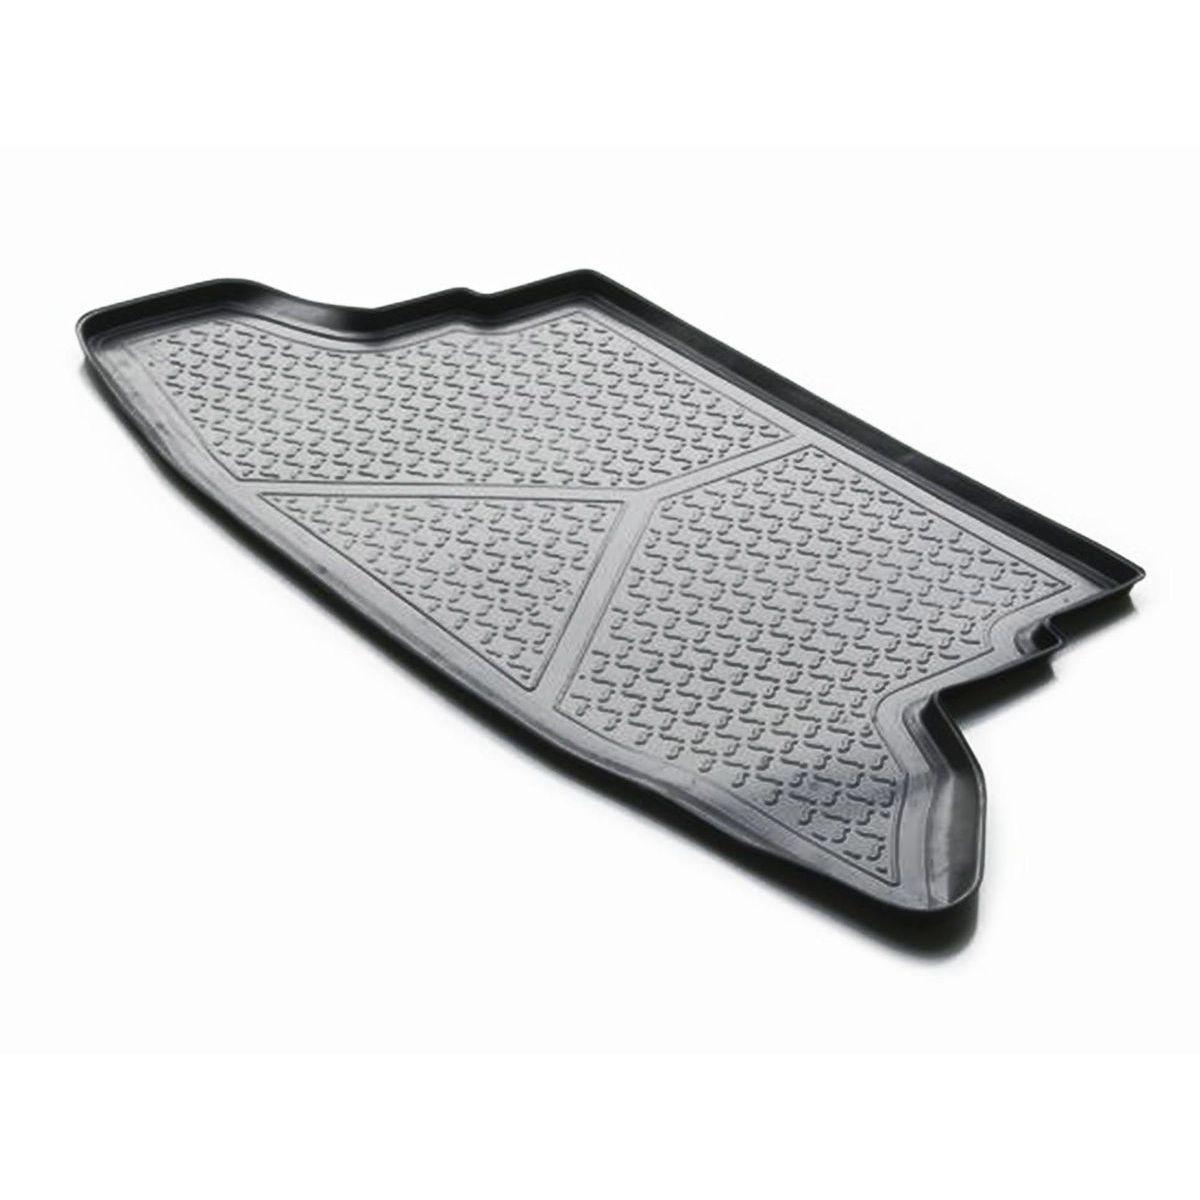 Коврик багажника Rival для Nissan Juke 2010-2014, полиуретан14102004Коврик багажника Rival позволяет надежно защитить и сохранить от грязи багажный отсек вашего автомобиля на протяжении всего срока эксплуатации, полностью повторяют геометрию багажника.- Высокий борт специальной конструкции препятствует попаданию разлившейся жидкости и грязи на внутреннюю отделку.- Произведены из первичных материалов, в результате чего отсутствует неприятный запах в салоне автомобиля.- Рисунок обеспечивает противоскользящую поверхность, благодаря которой перевозимые предметы не перекатываются в багажном отделении, а остаются на своих местах.- Высокая эластичность, можно беспрепятственно эксплуатировать при температуре от -45 ?C до +45 ?C.- Изготовлены из высококачественного и экологичного материала, не подверженного воздействию кислот, щелочей и нефтепродуктов. Уважаемые клиенты!Обращаем ваше внимание,что коврик имеет формусоответствующую модели данного автомобиля. Фото служит для визуального восприятия товара.